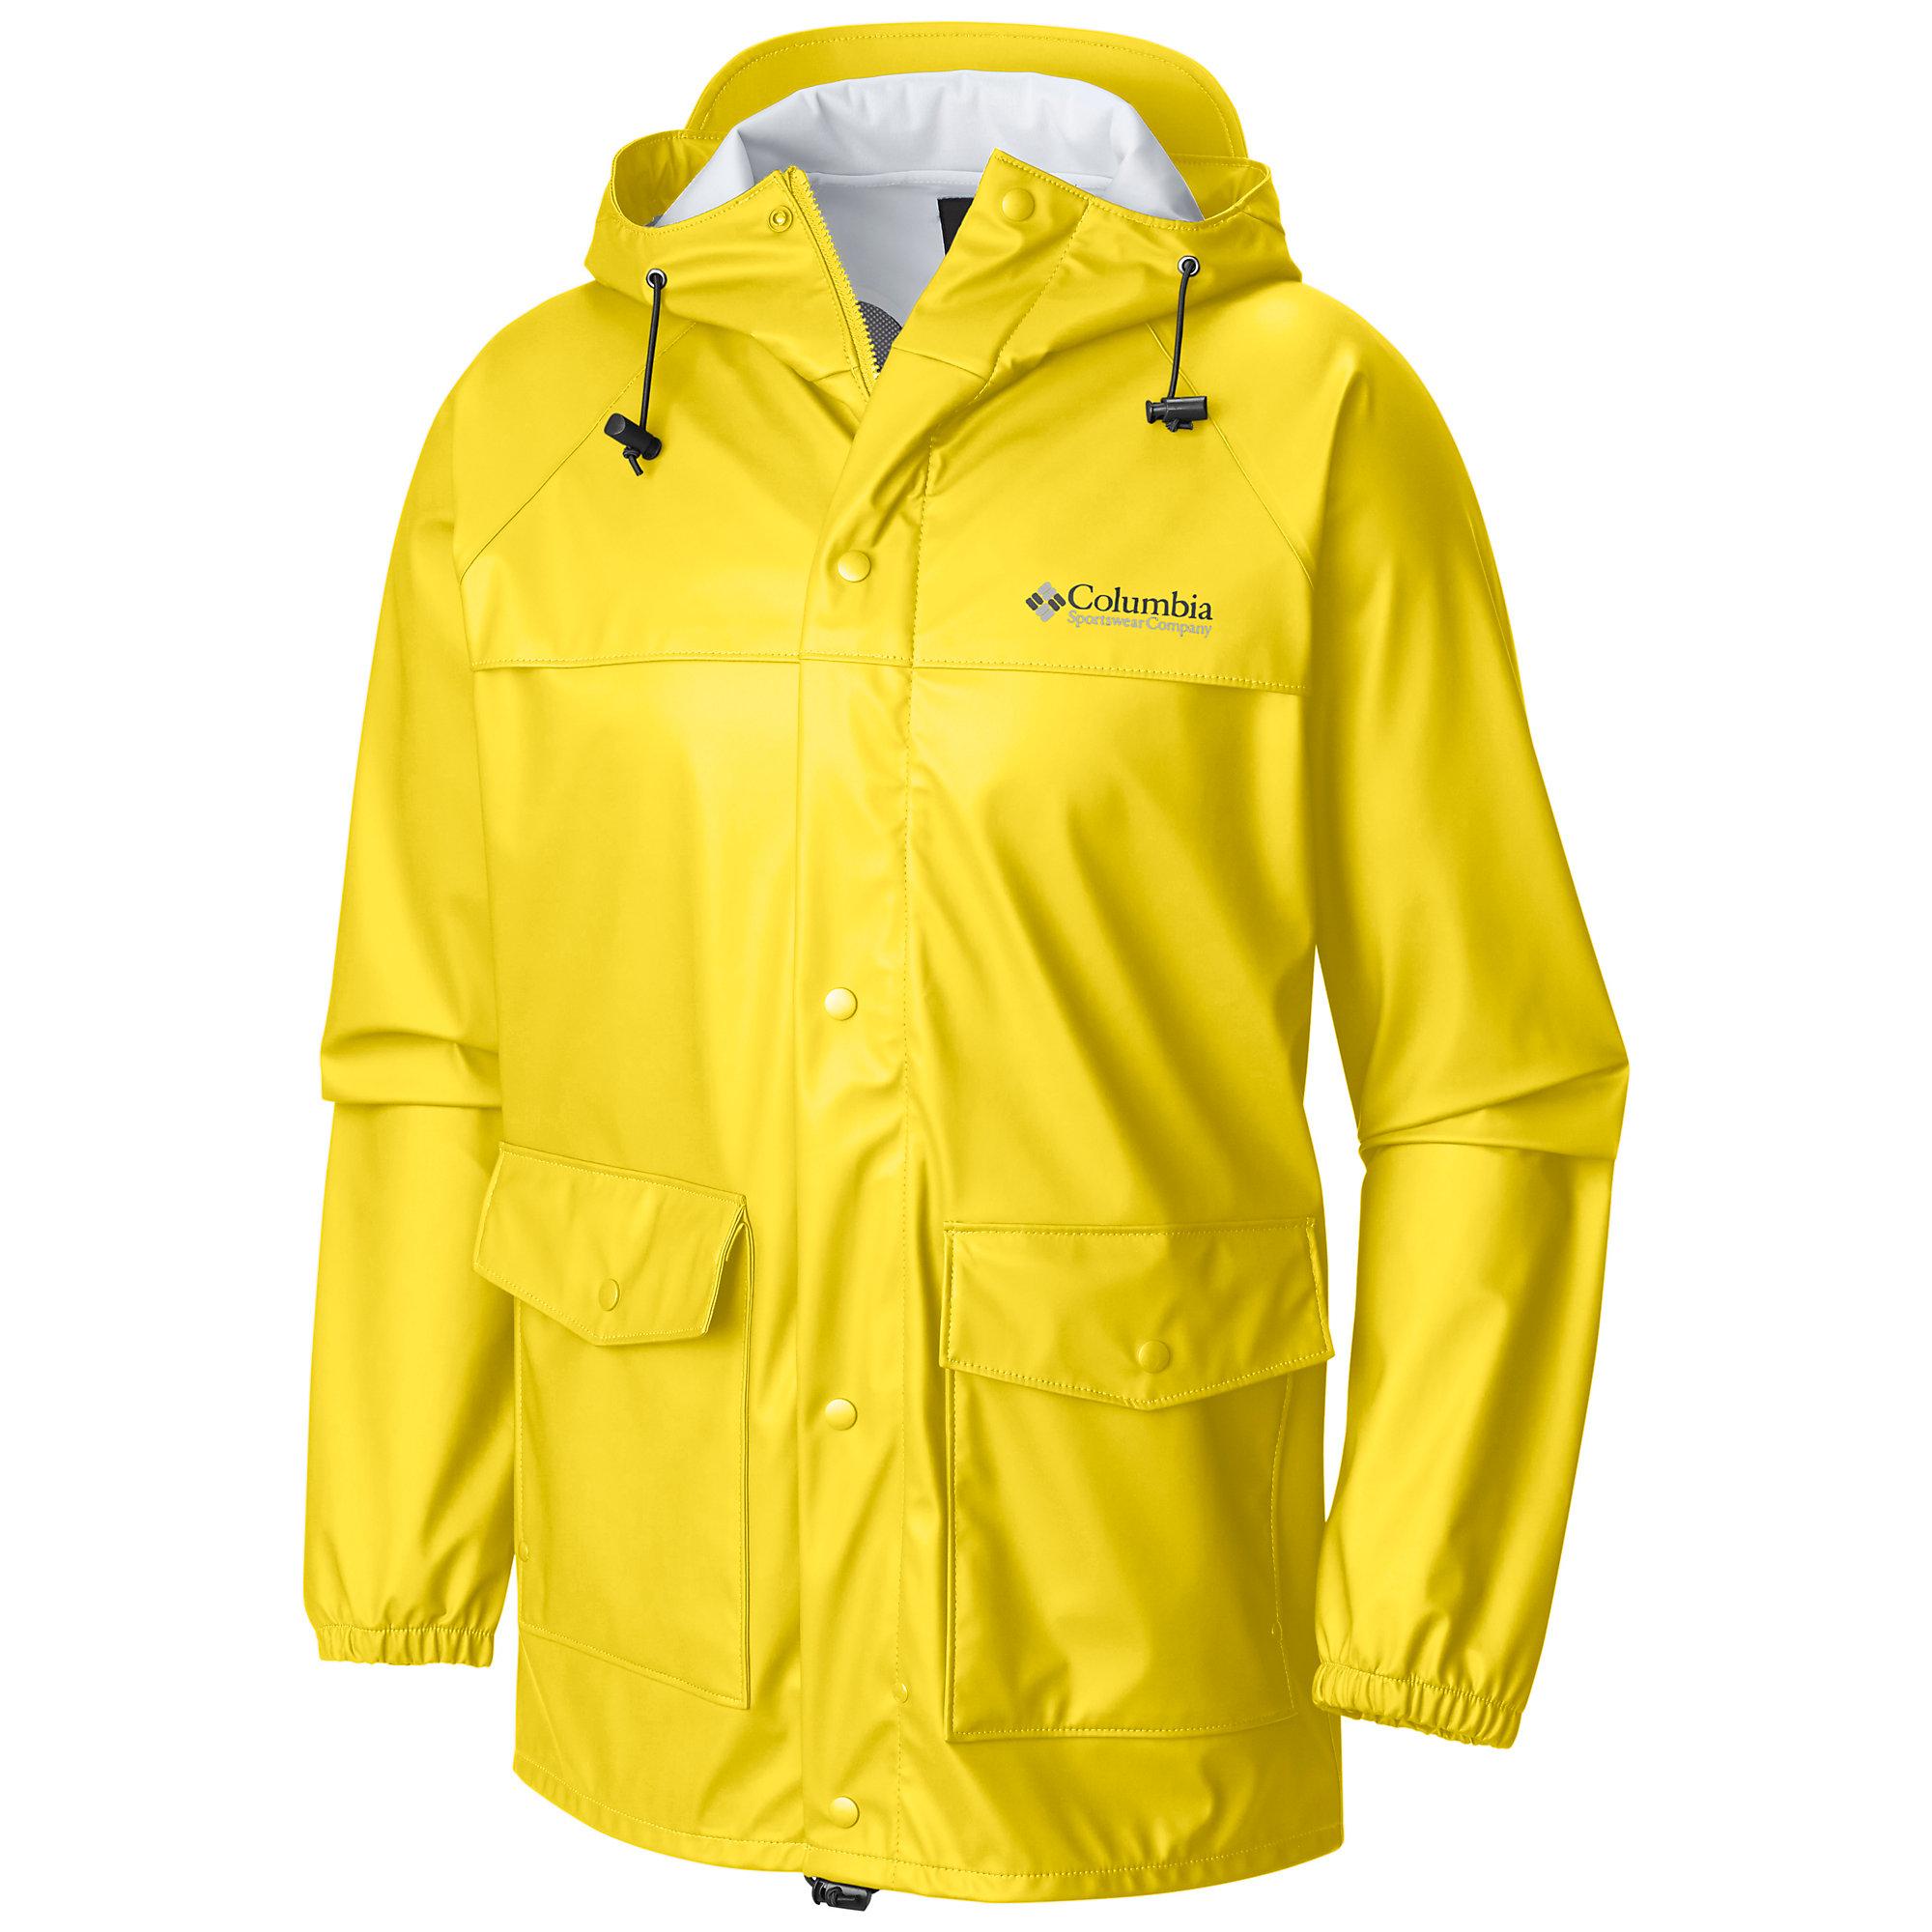 Columbia Ibex Jacket